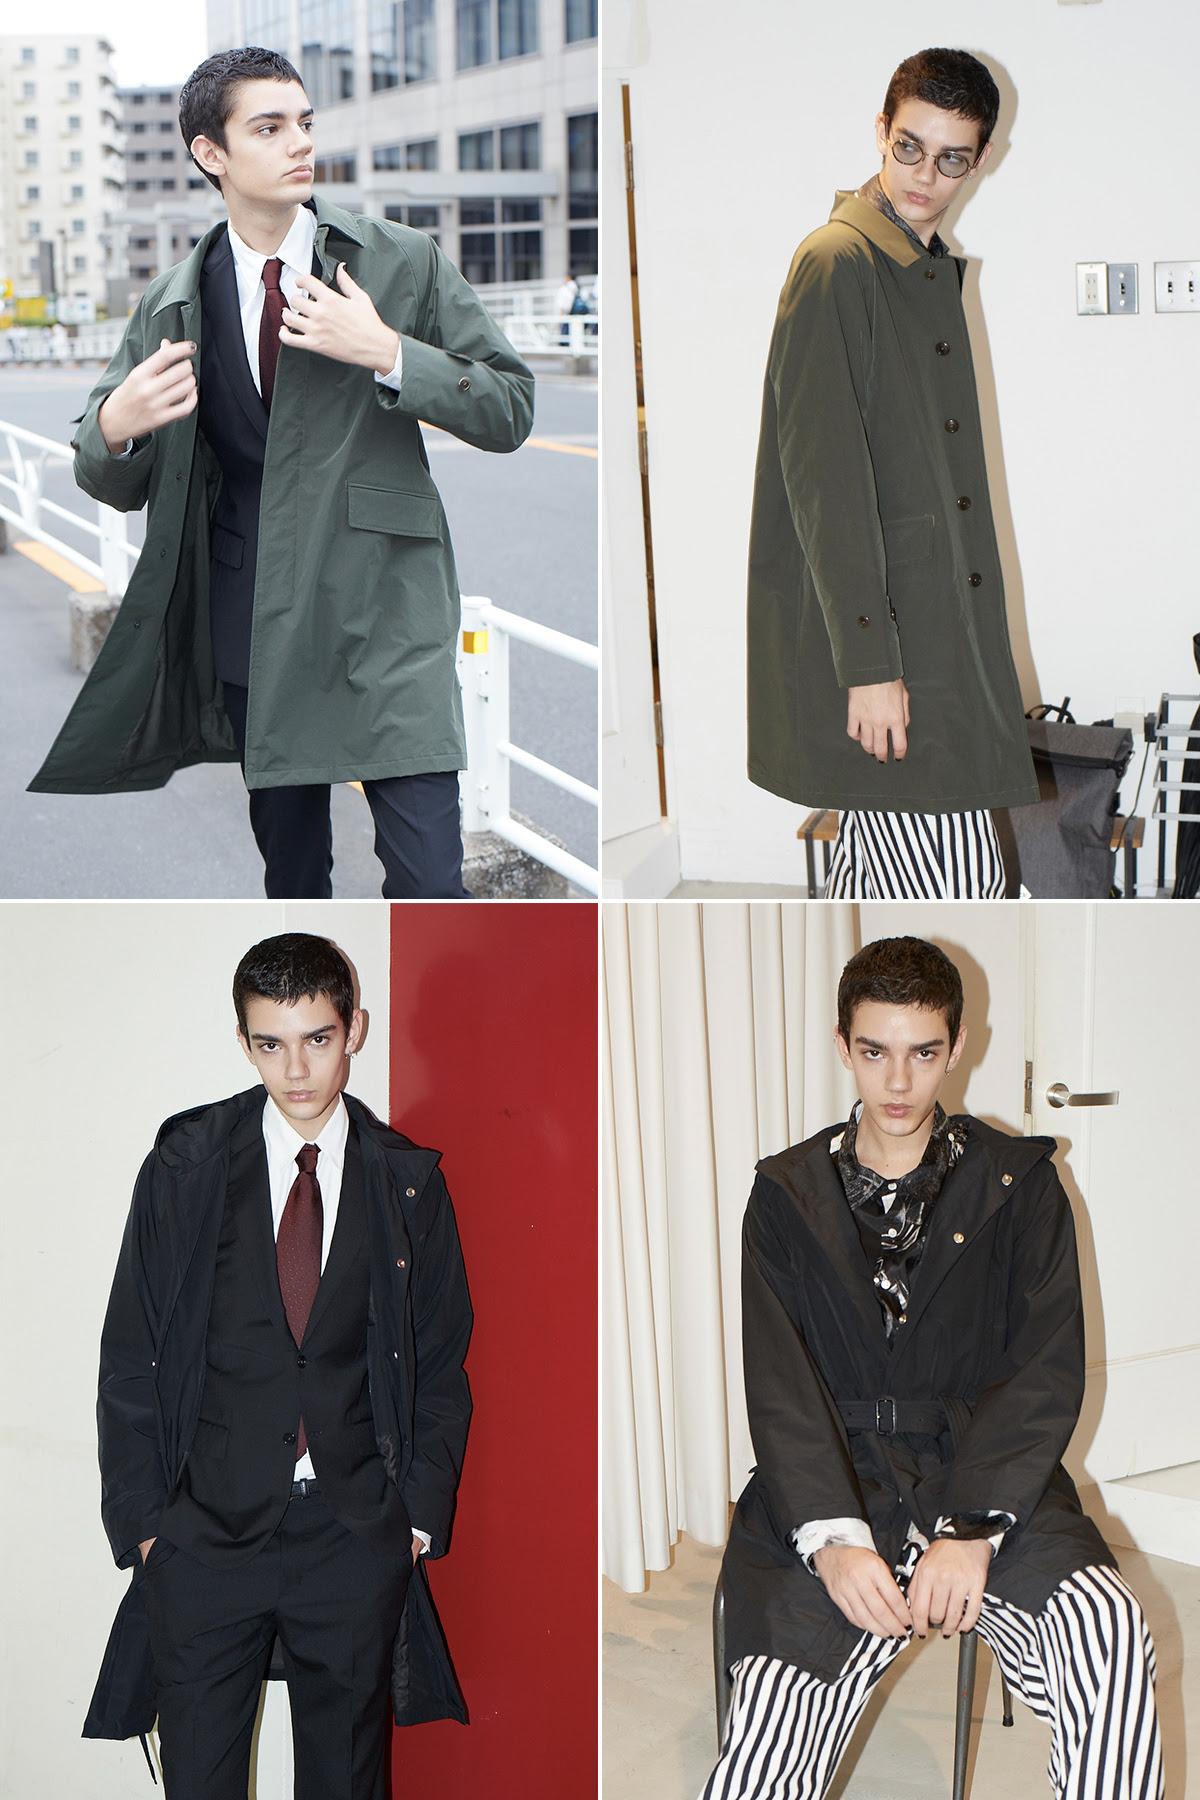 スマートな次世代コートスタイルは、コート1枚でスマホで温度設定を変える時代。高機能なコート|SANYOCOAT サンヨーコート(HEATIER)